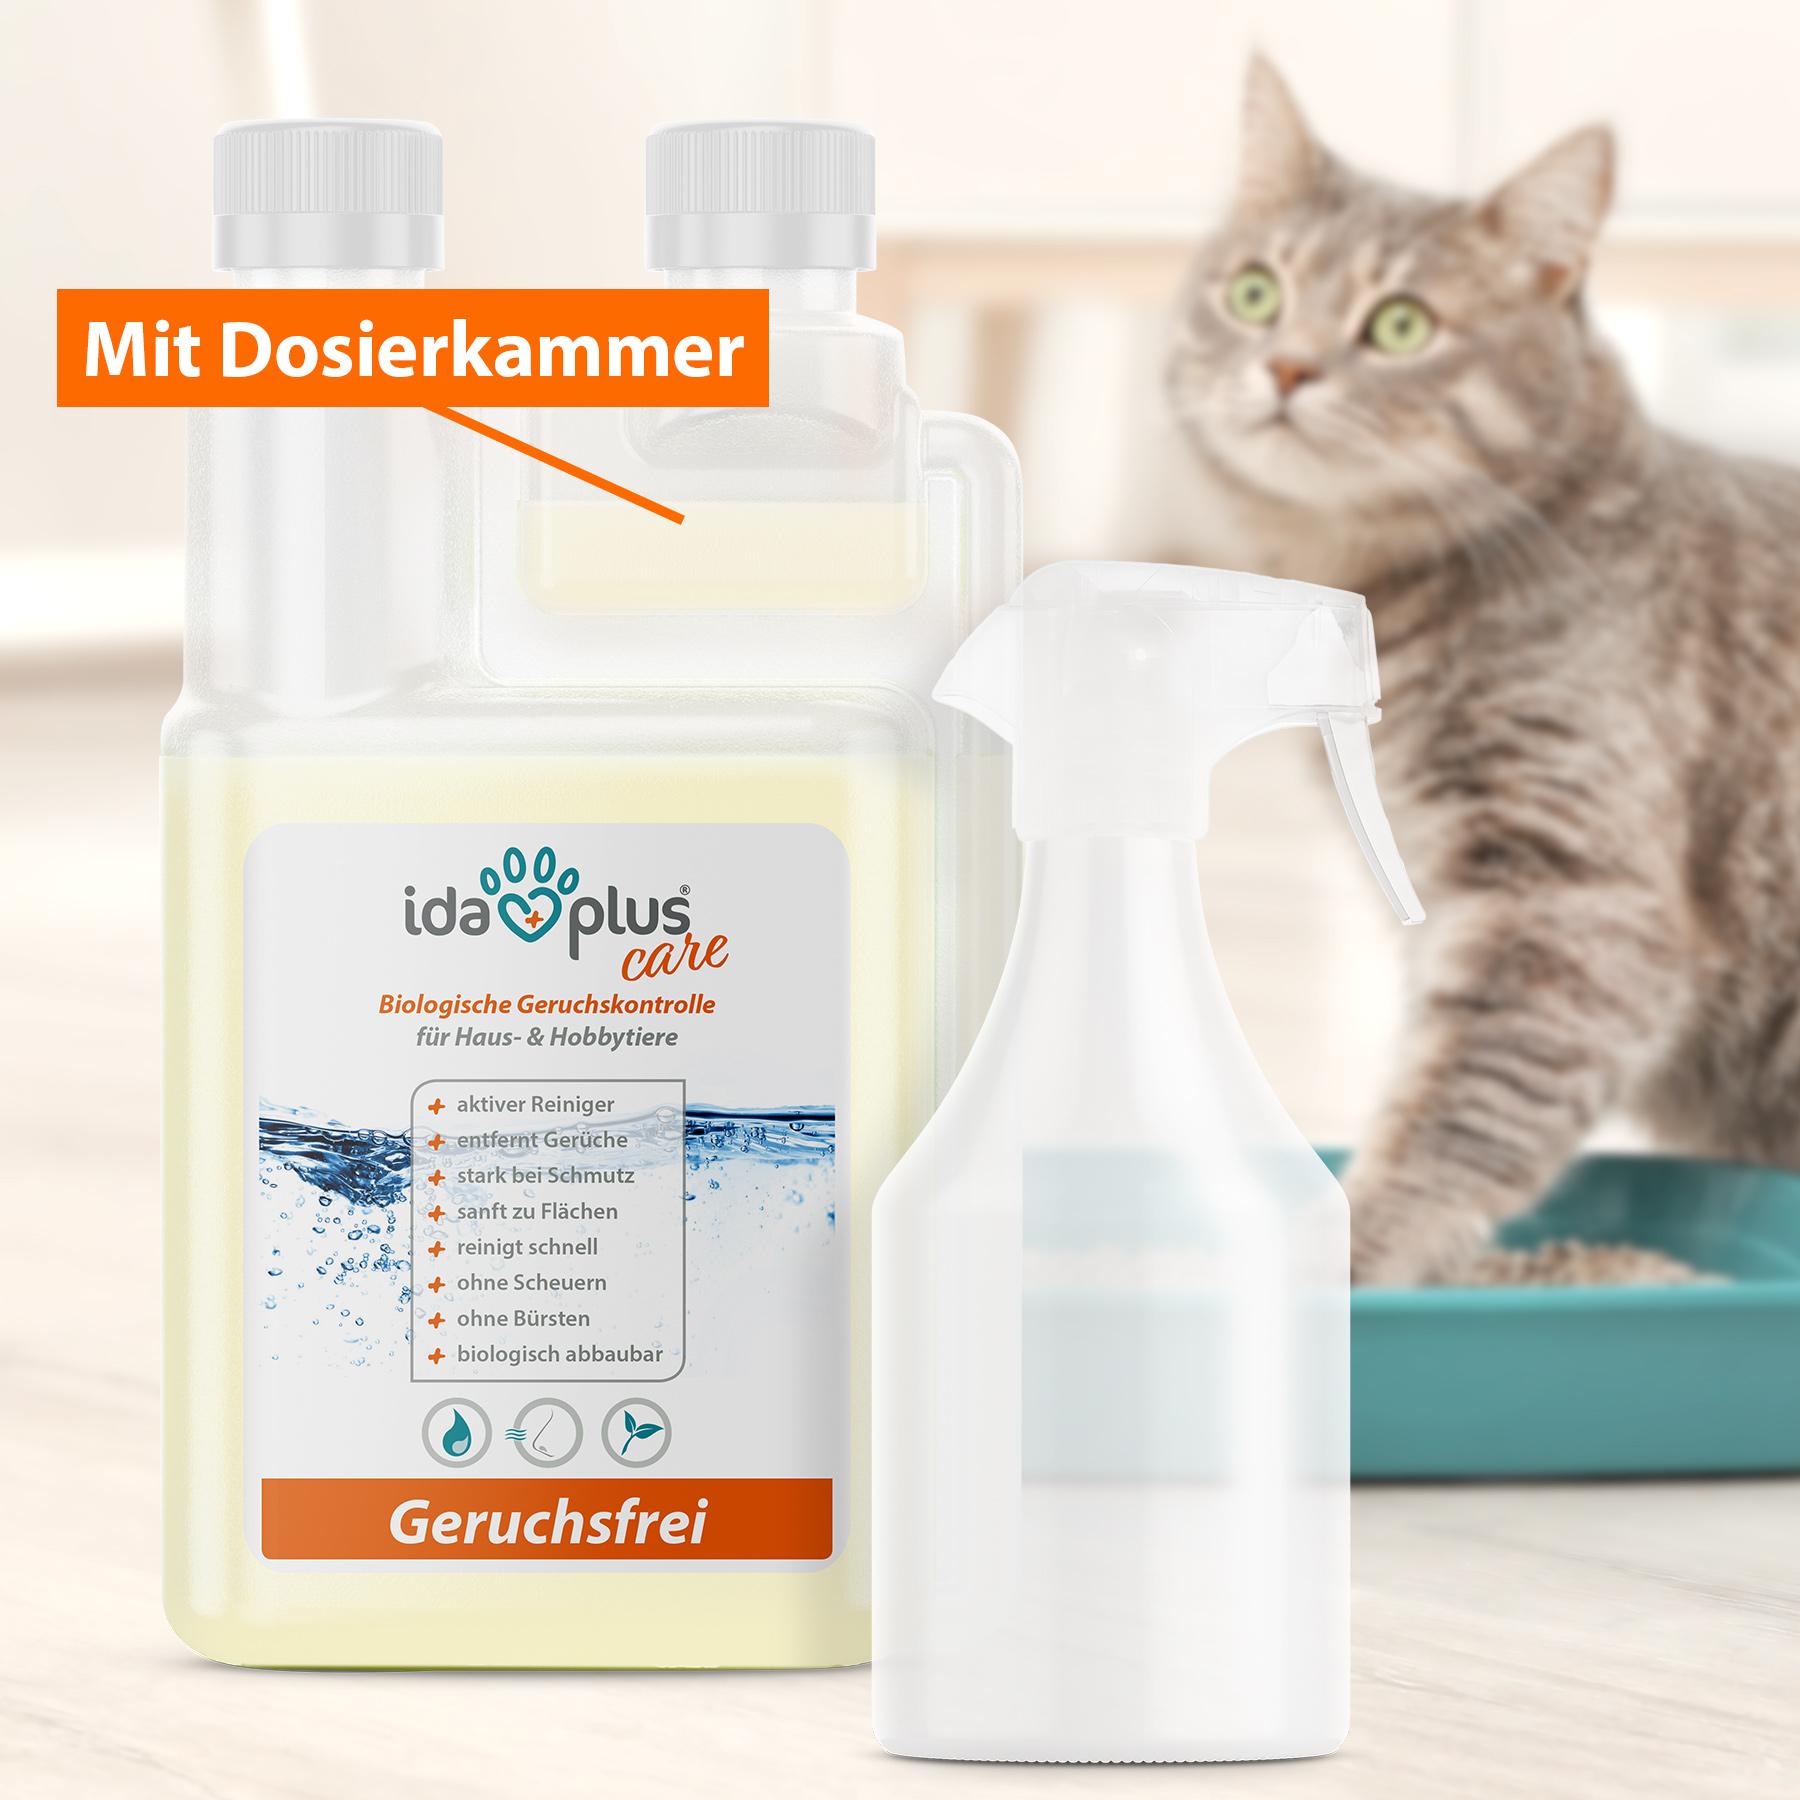 Geruchsfrei - Geruchsneutralisierer & Fleckenentferner - 1 Liter Konzentrat